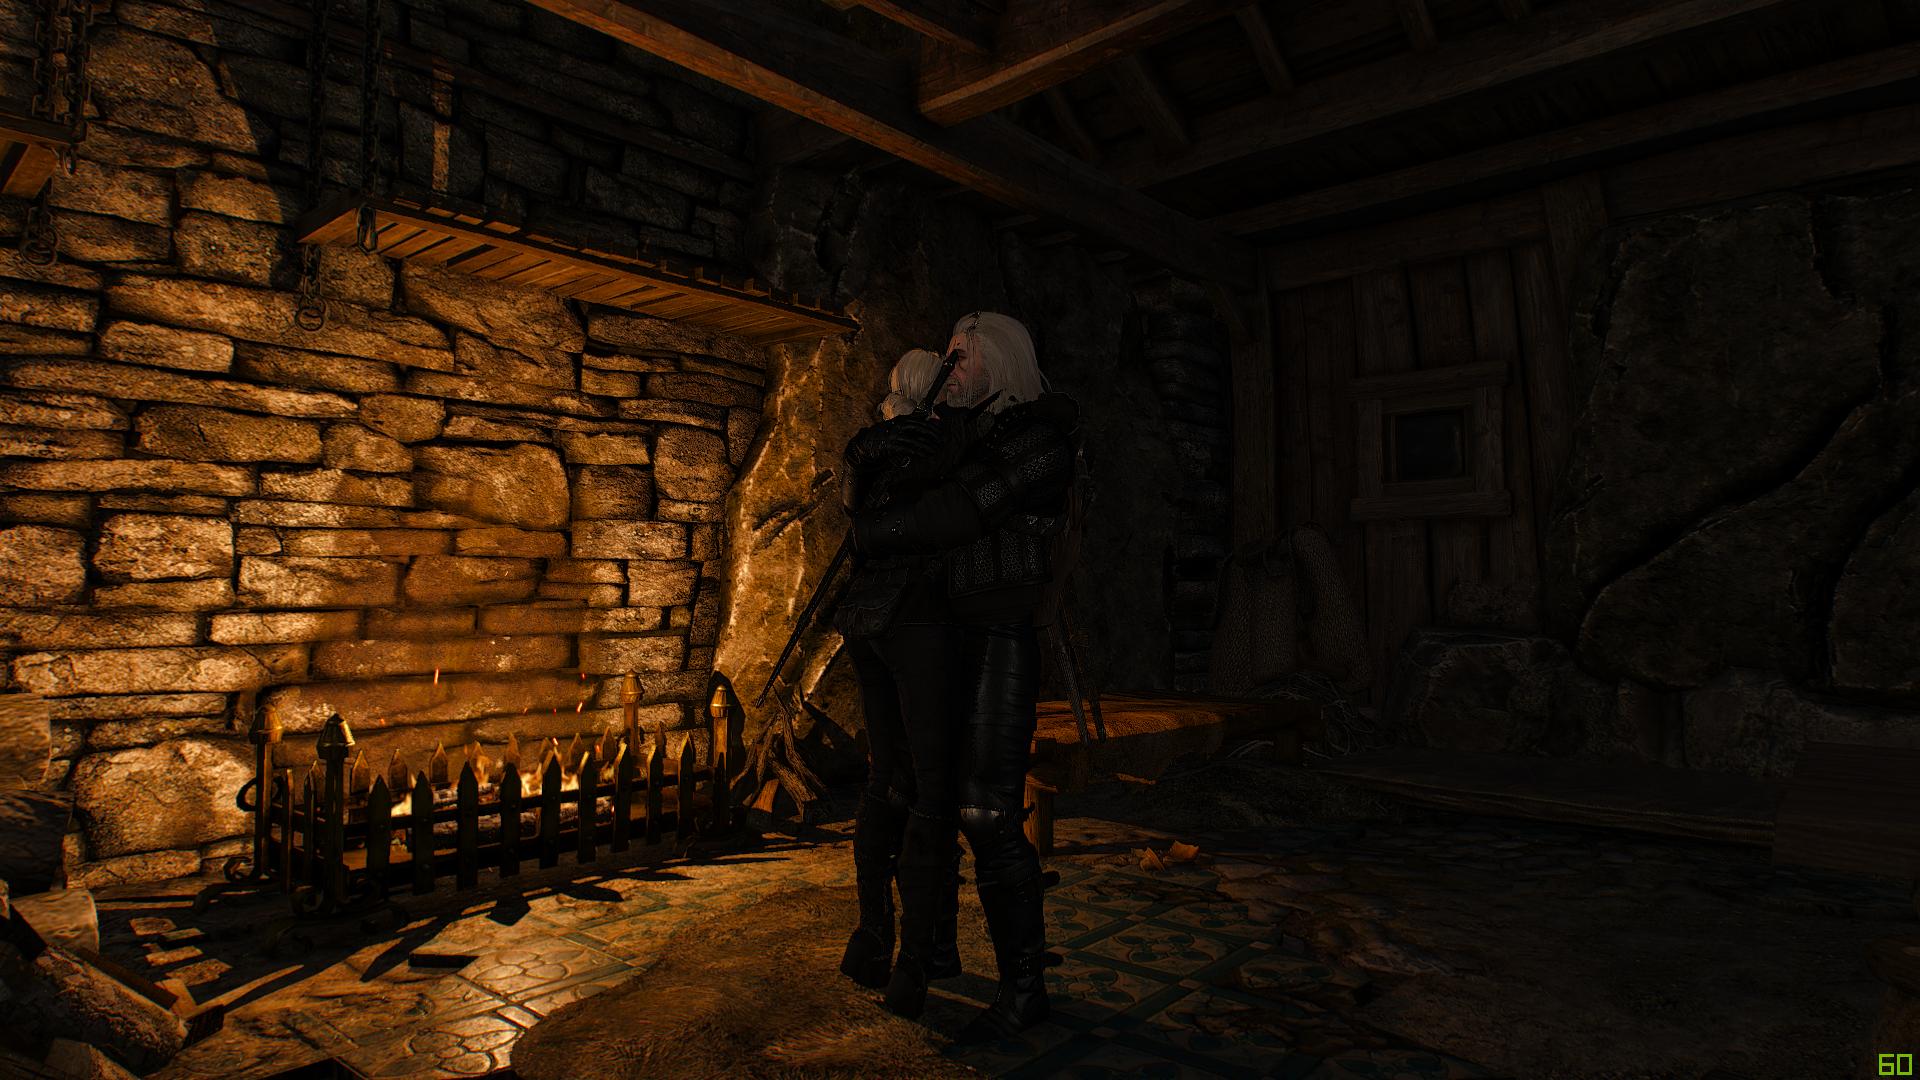 Геральт и Цири - Witcher 3: Wild Hunt, the Персонаж